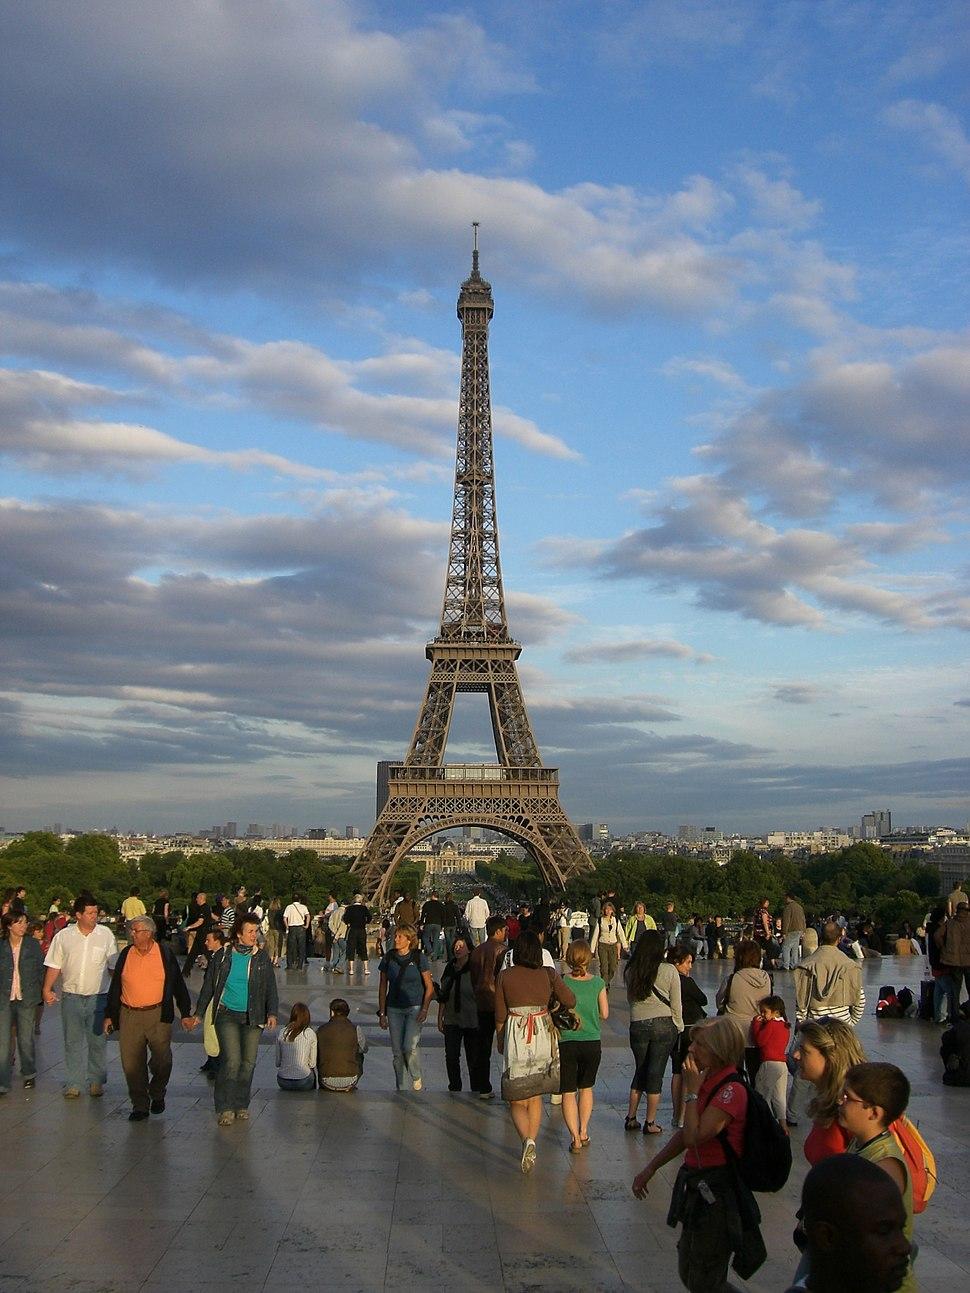 Paris Parvis des Droits de l'homme towards Eiffel Tower